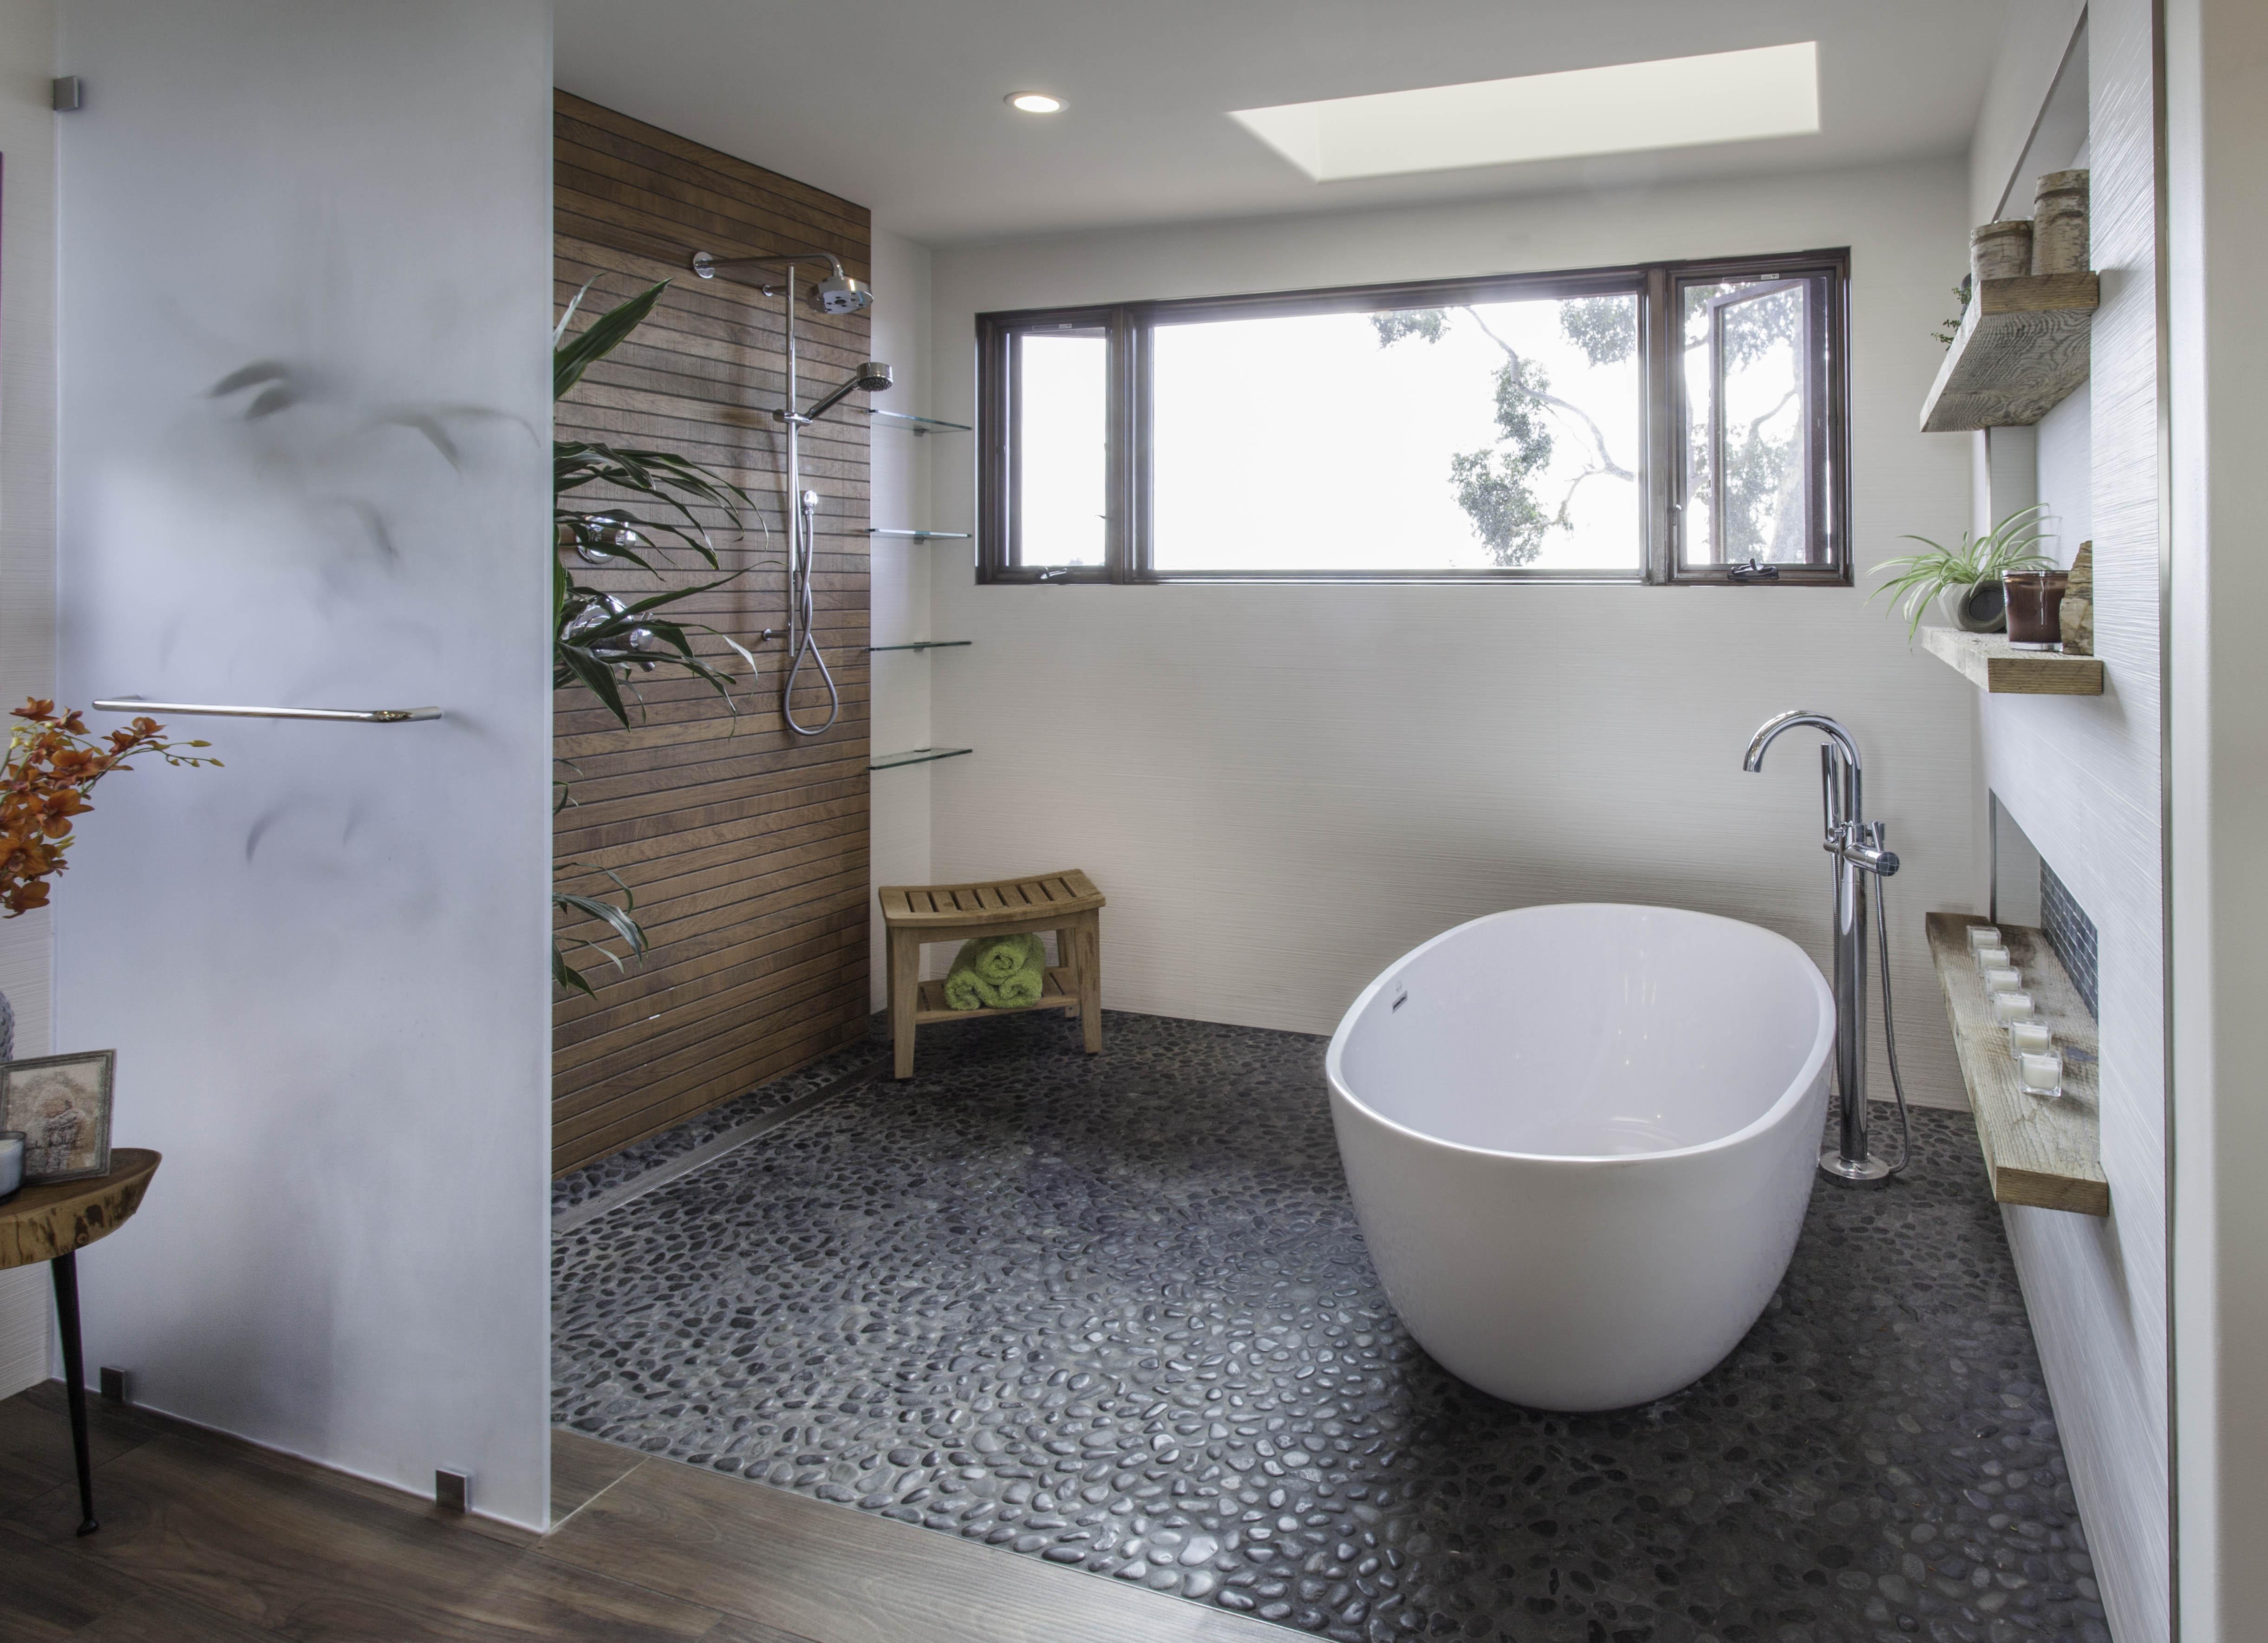 Nkba National Design Award Winner M Studio Interior